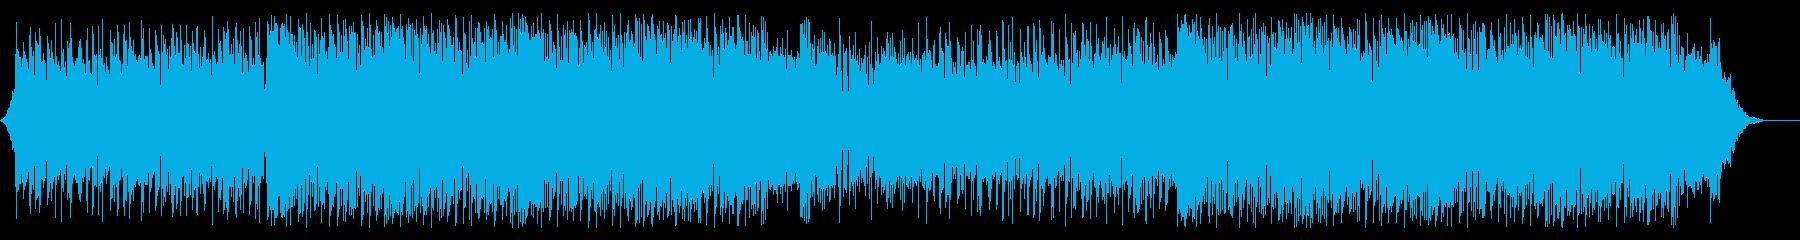 Vo抜き_映画のテーマ曲のような激しいロの再生済みの波形